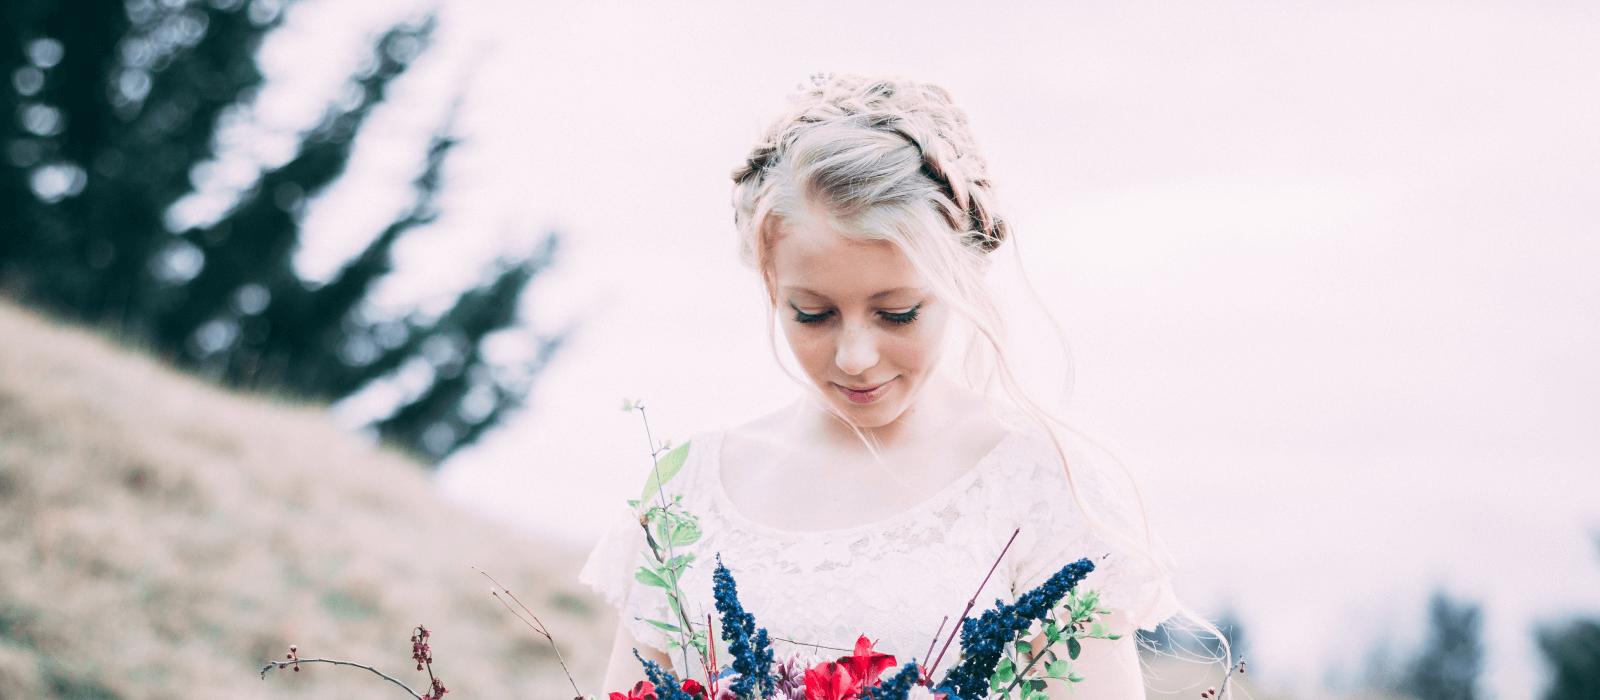 5 sposobów na pokonanie przedślubnego stresu I Design Your Wedding